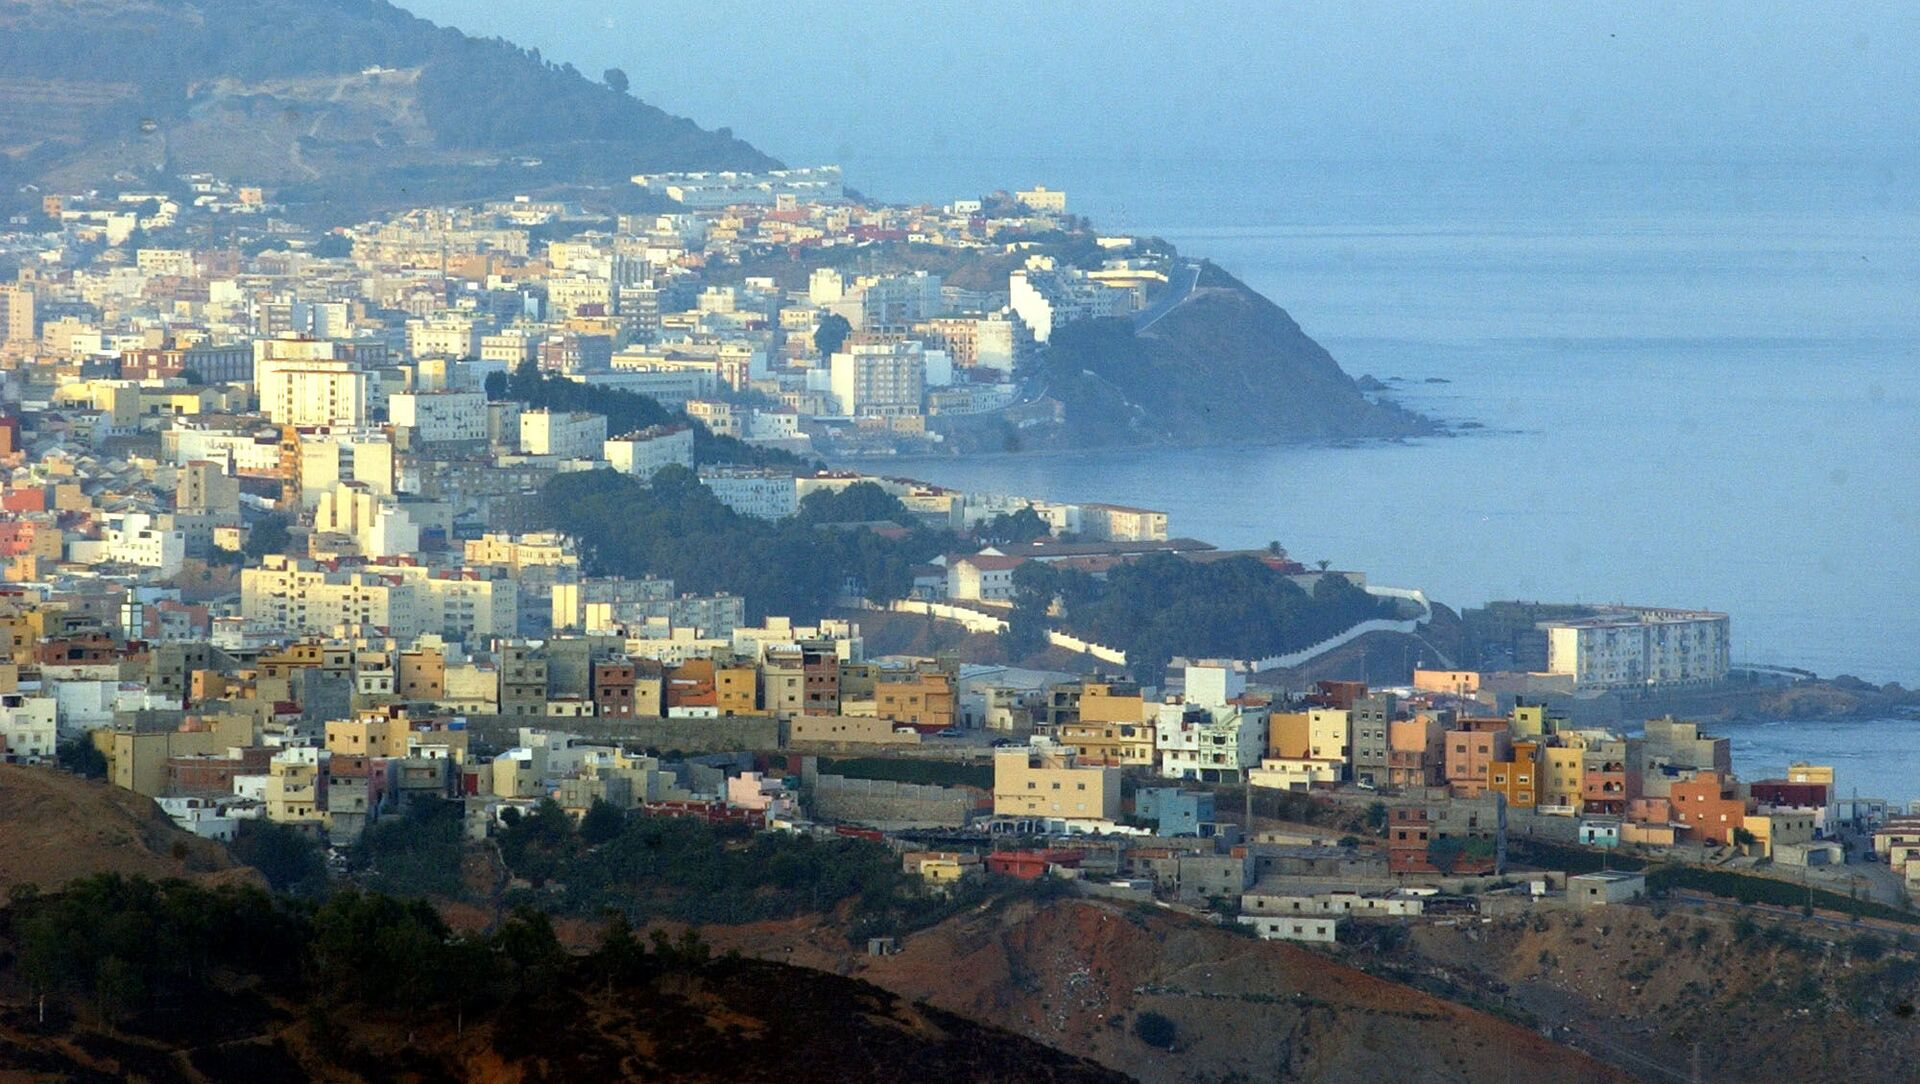 Ceuta, một thành phố tự trị nằm bên bờ biển Bắc Phi, thuộc chủ quyền Tây Ban Nha - Sputnik Việt Nam, 1920, 20.08.2021